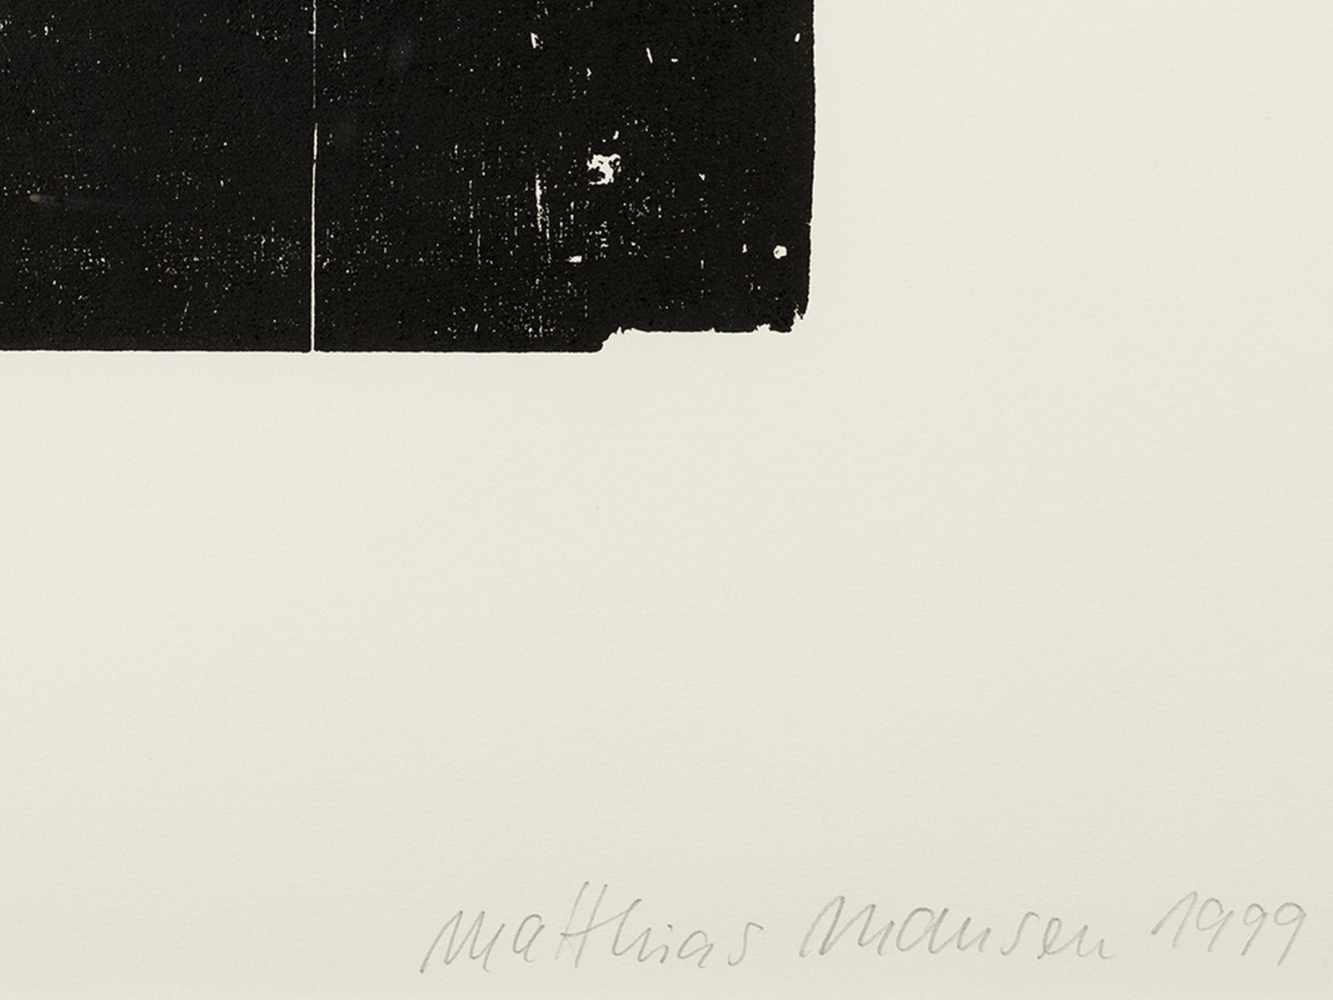 Matthias Mansen, Hermann von Helmholtz, Woodcut, 1999 - Image 3 of 9